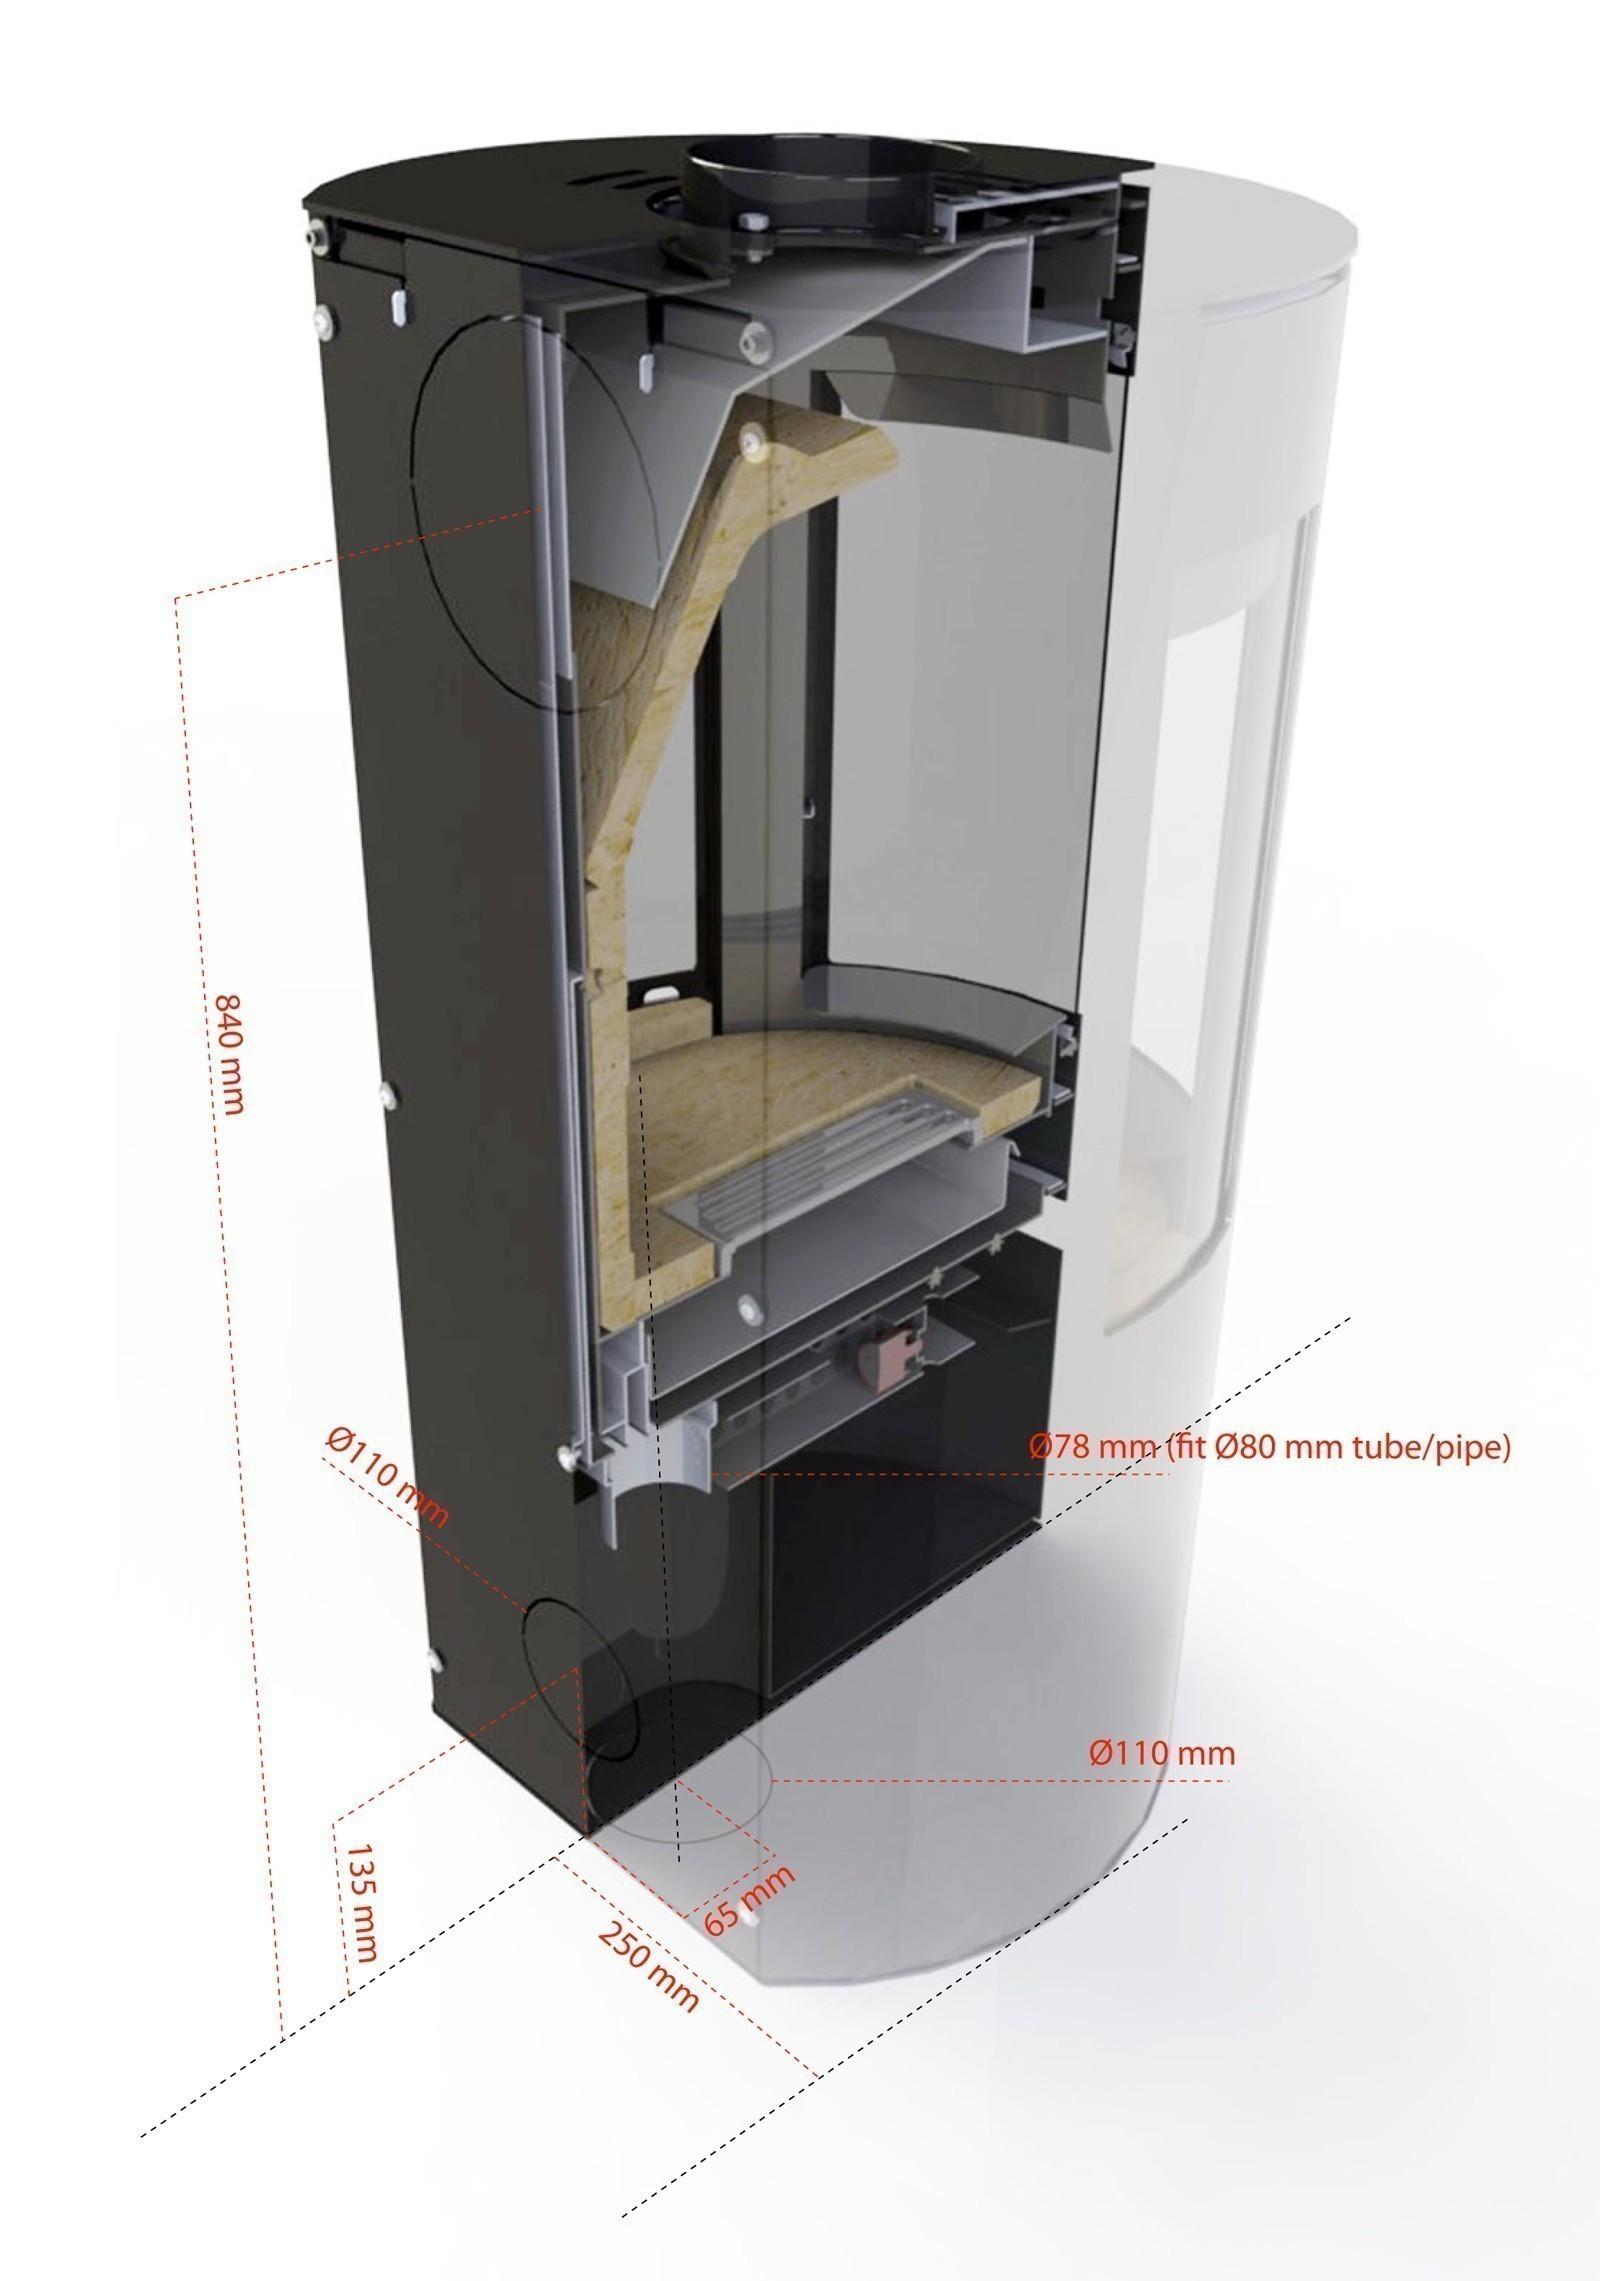 kaminofen aduro 9 air schwarz stahl 3 scheiben. Black Bedroom Furniture Sets. Home Design Ideas